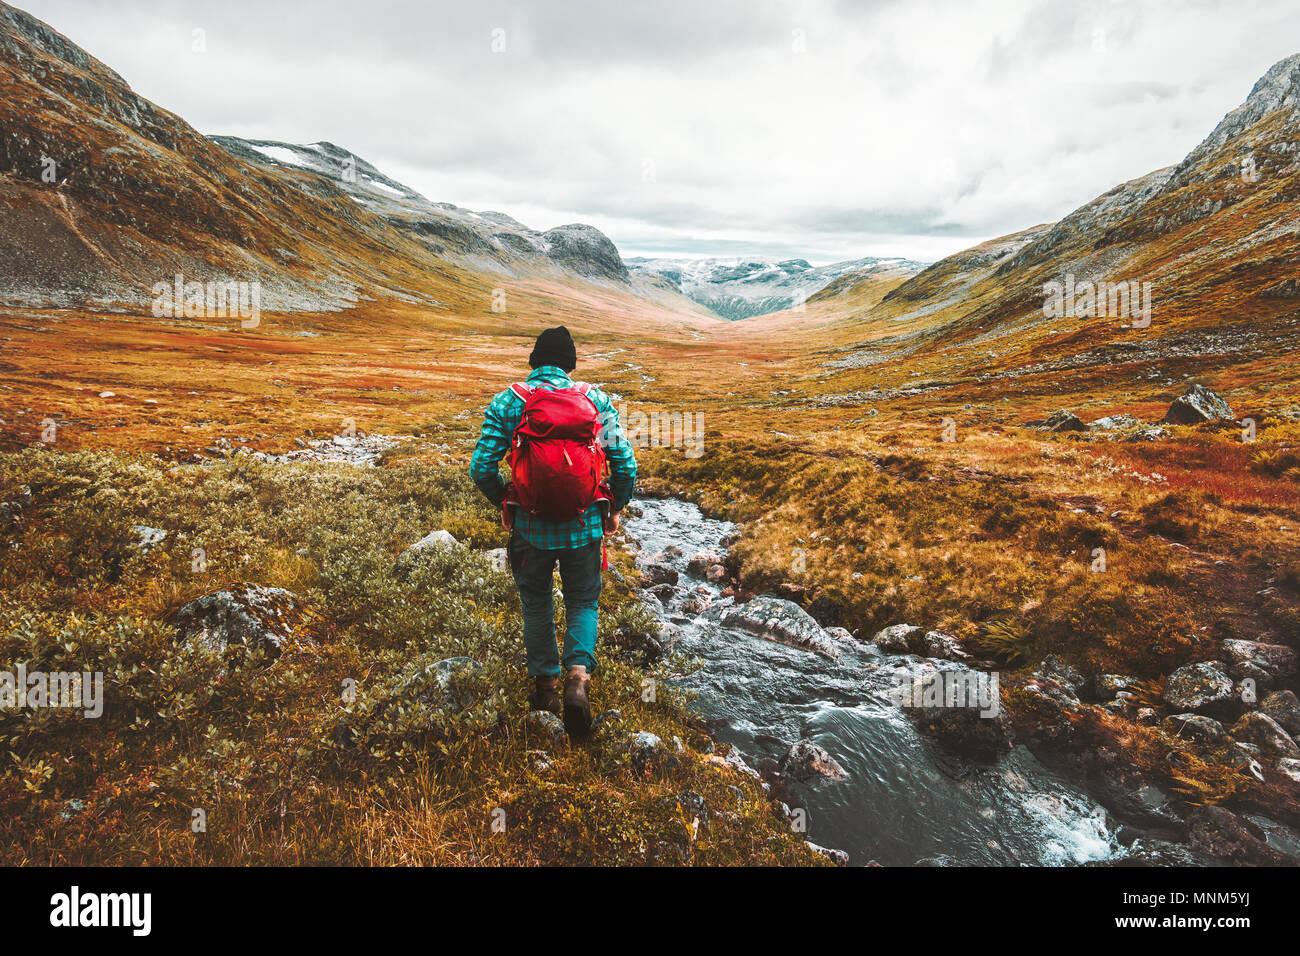 L'homme voyage touristique avec sac à dos randonnée en montagne active du paysage de vie sain vacances d'aventure en Scandinavie Photo Stock